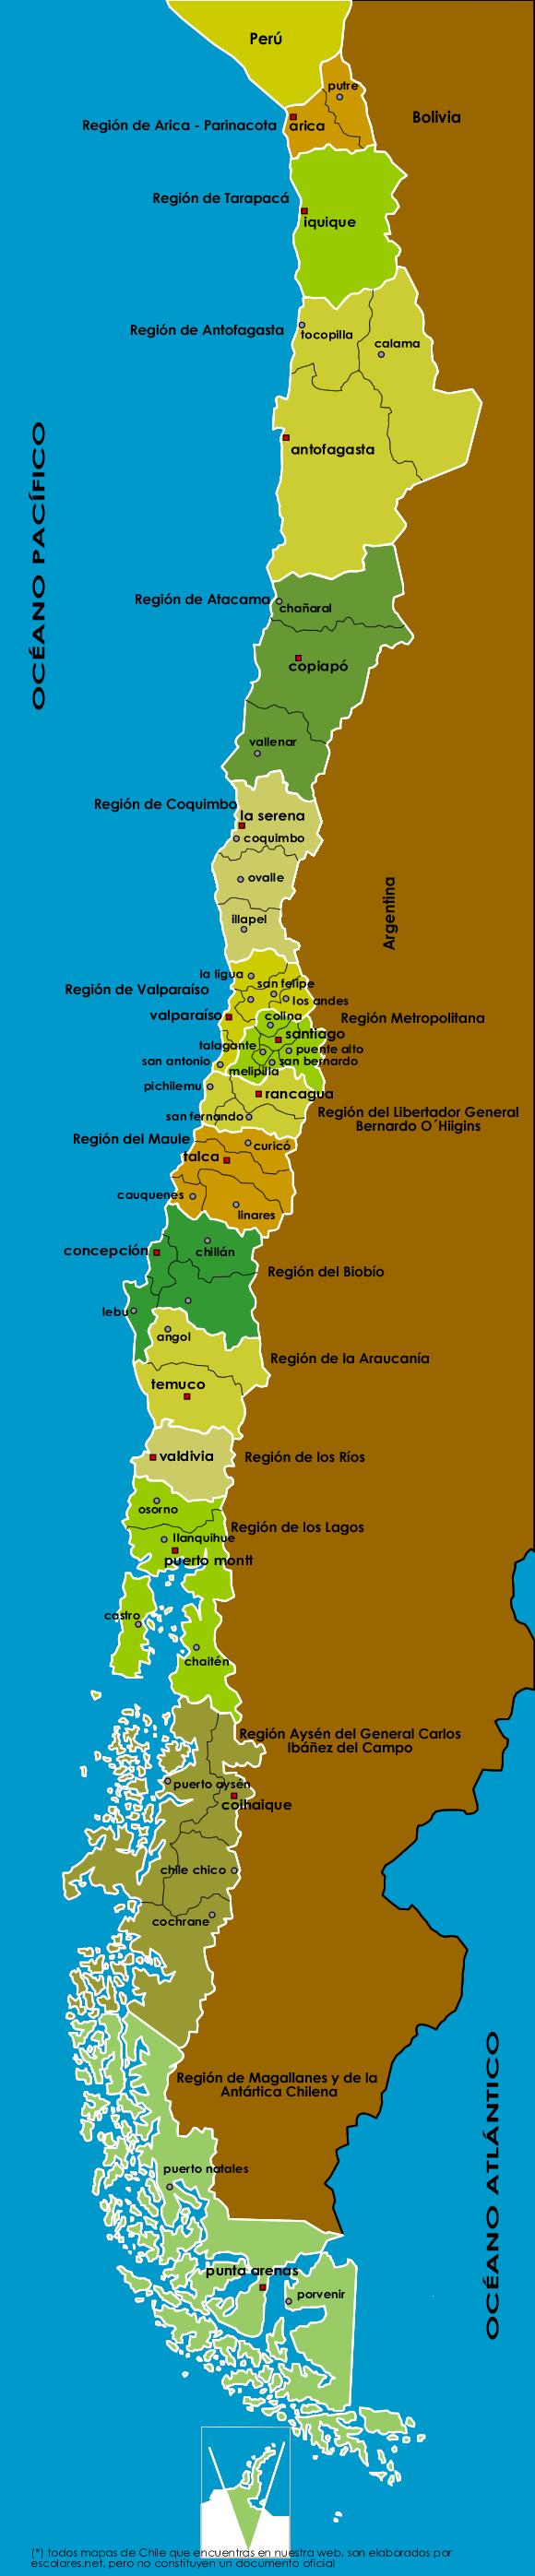 Mapa-Politico-Administrativo-de-Chile.jpg